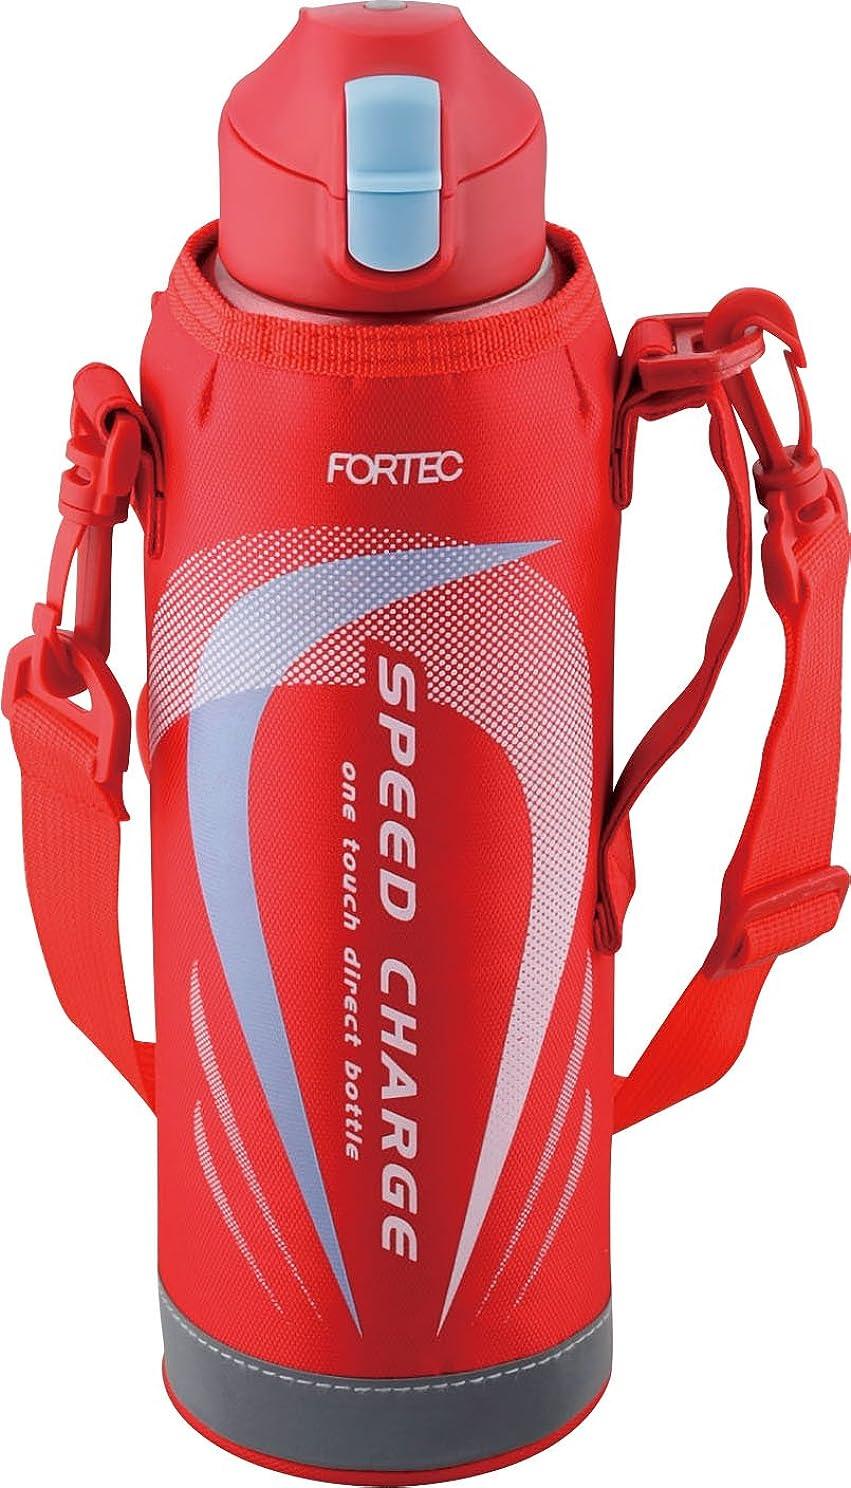 シャツ地獄デコードする和平フレイズ 水筒 1L レッド ワンタッチ栓 ダイレクトボトル 真空断熱 保冷 フォルテックスピード FSR-7370